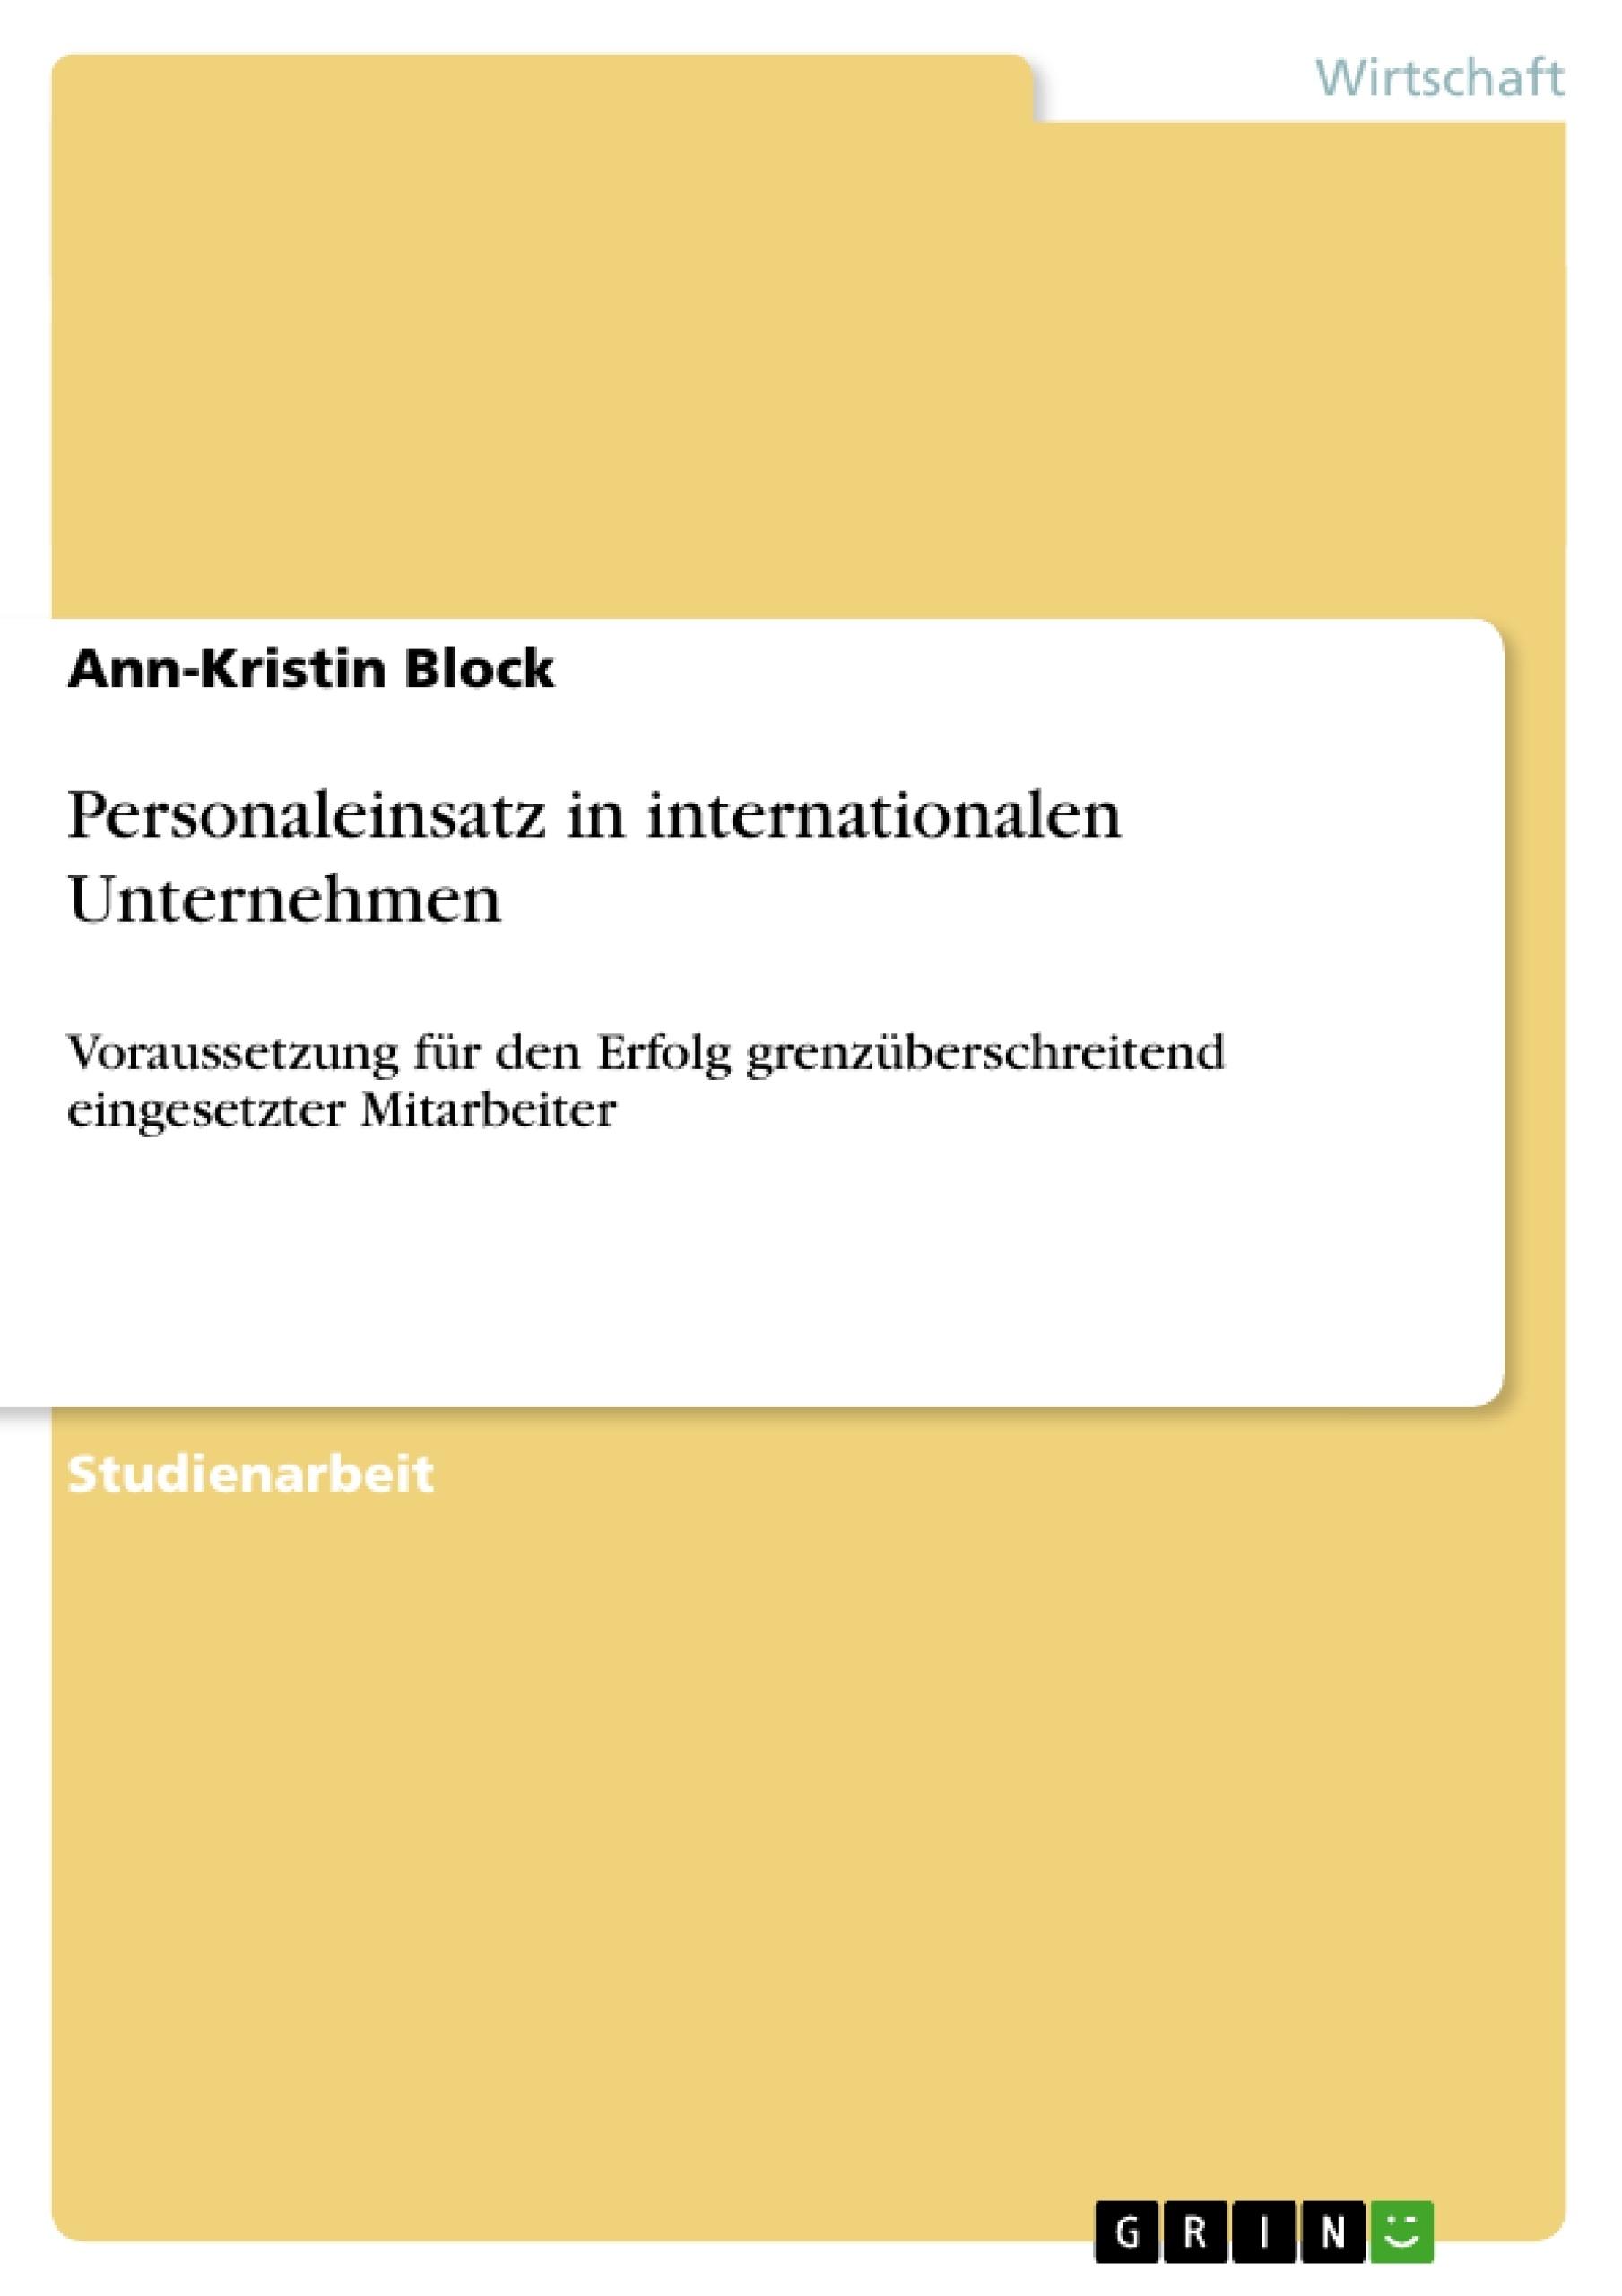 Titel: Personaleinsatz in internationalen Unternehmen